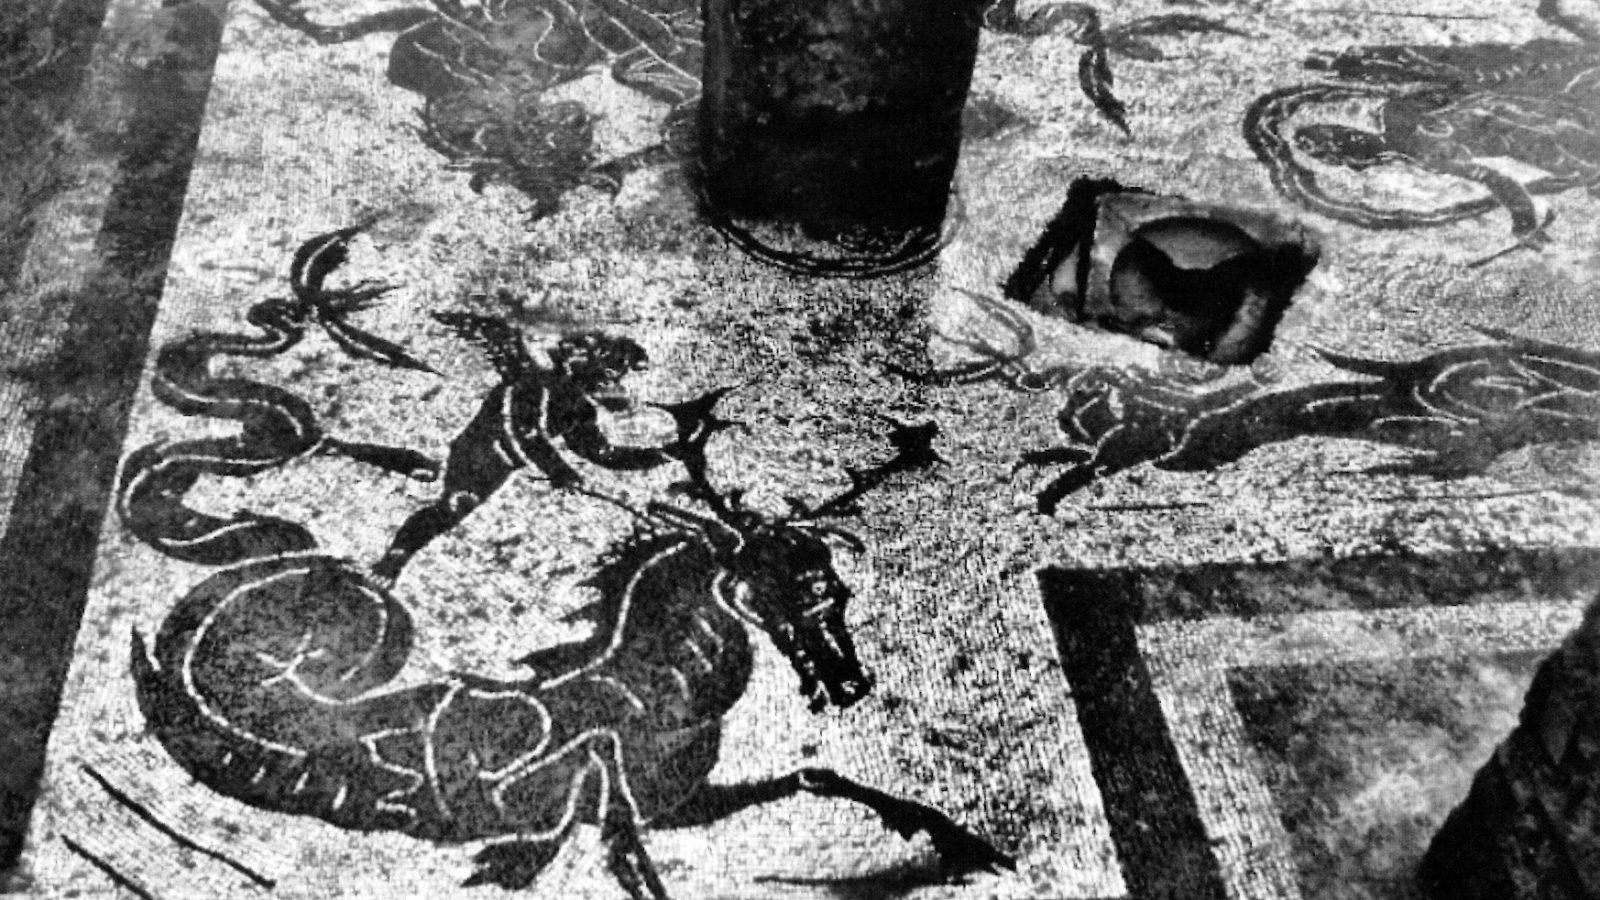 Lazio, Fosso della Crescenza. Pavimento musivo di un ambiente della mansio romana (Anas, L'archeologia si fa strada. Scavi, scoperte e tesori lungo le vie d'Italia, 2017)